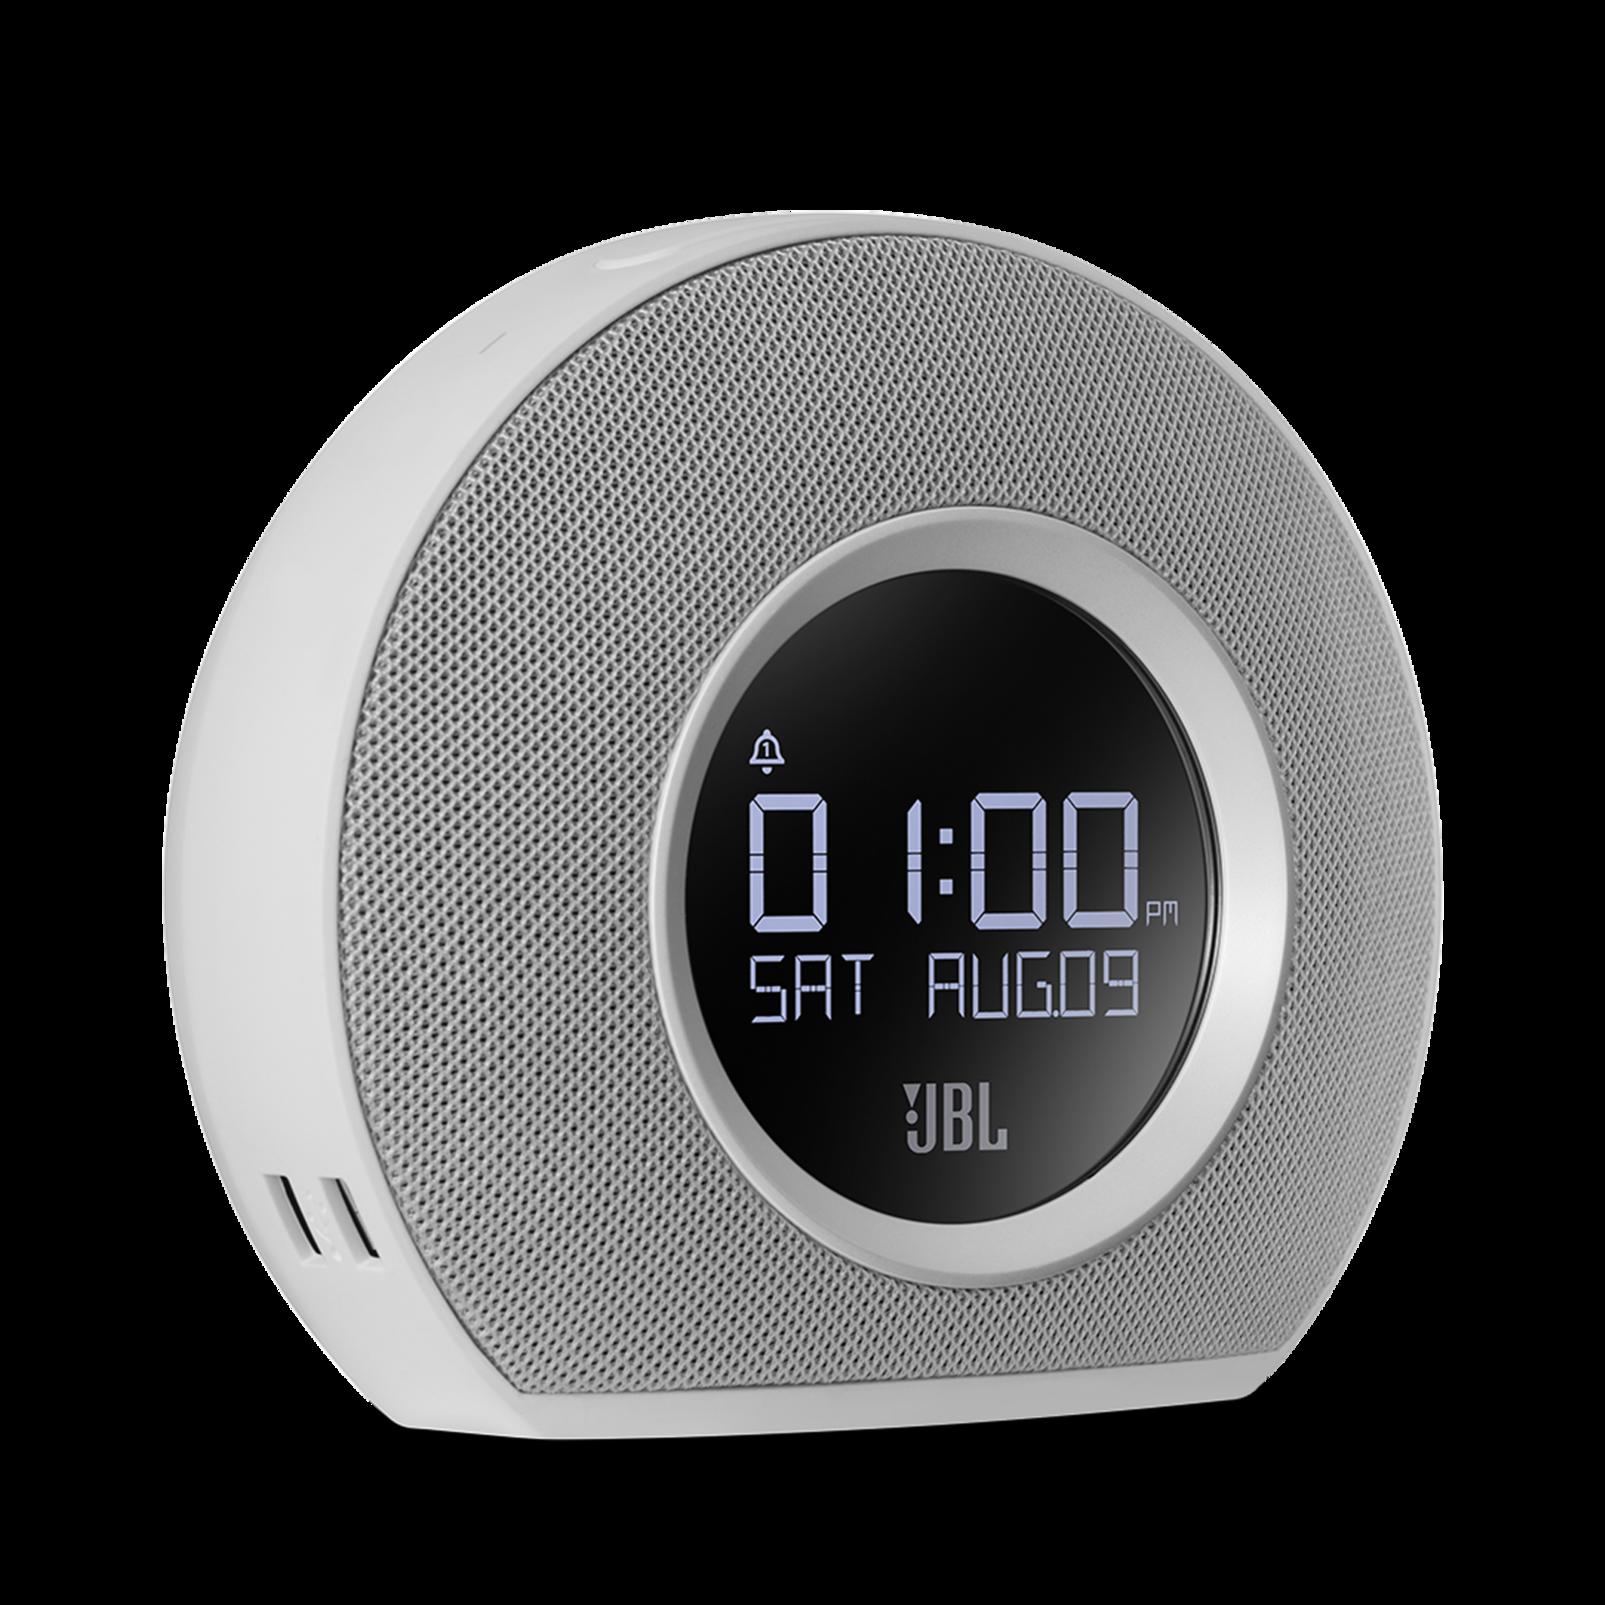 Headphones wireless radio - headphones wireless black and white